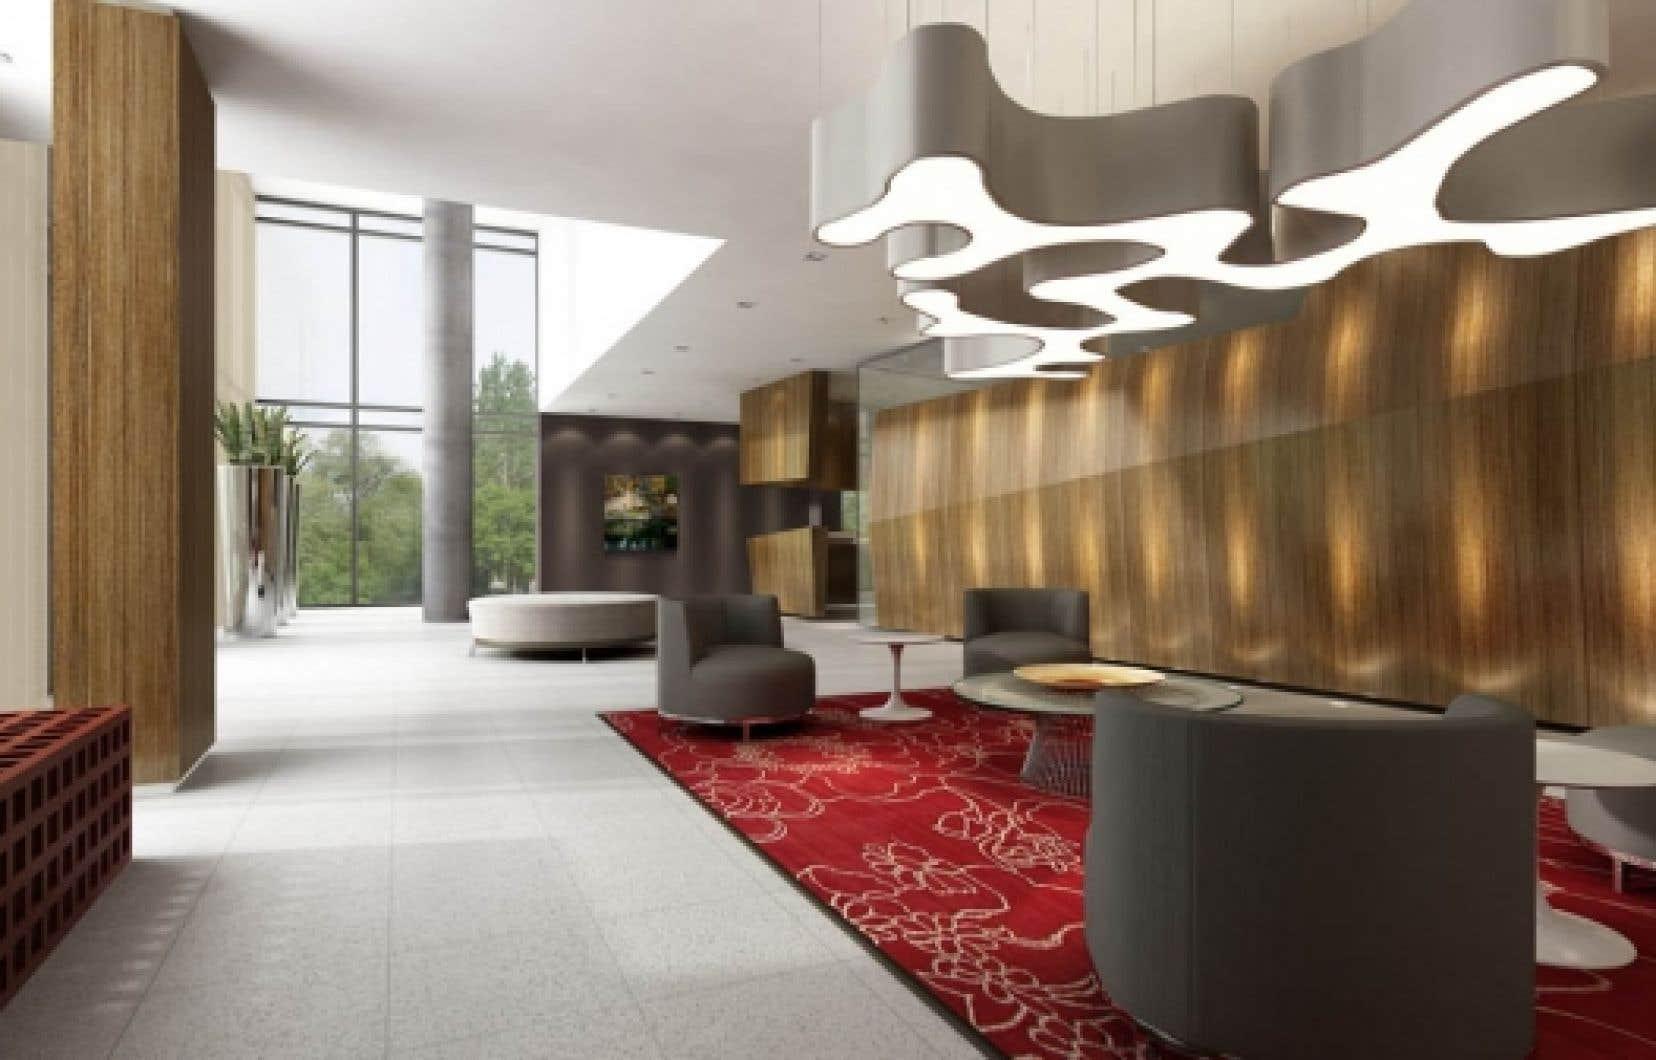 Le lobby de la future tour baptisée Évolo